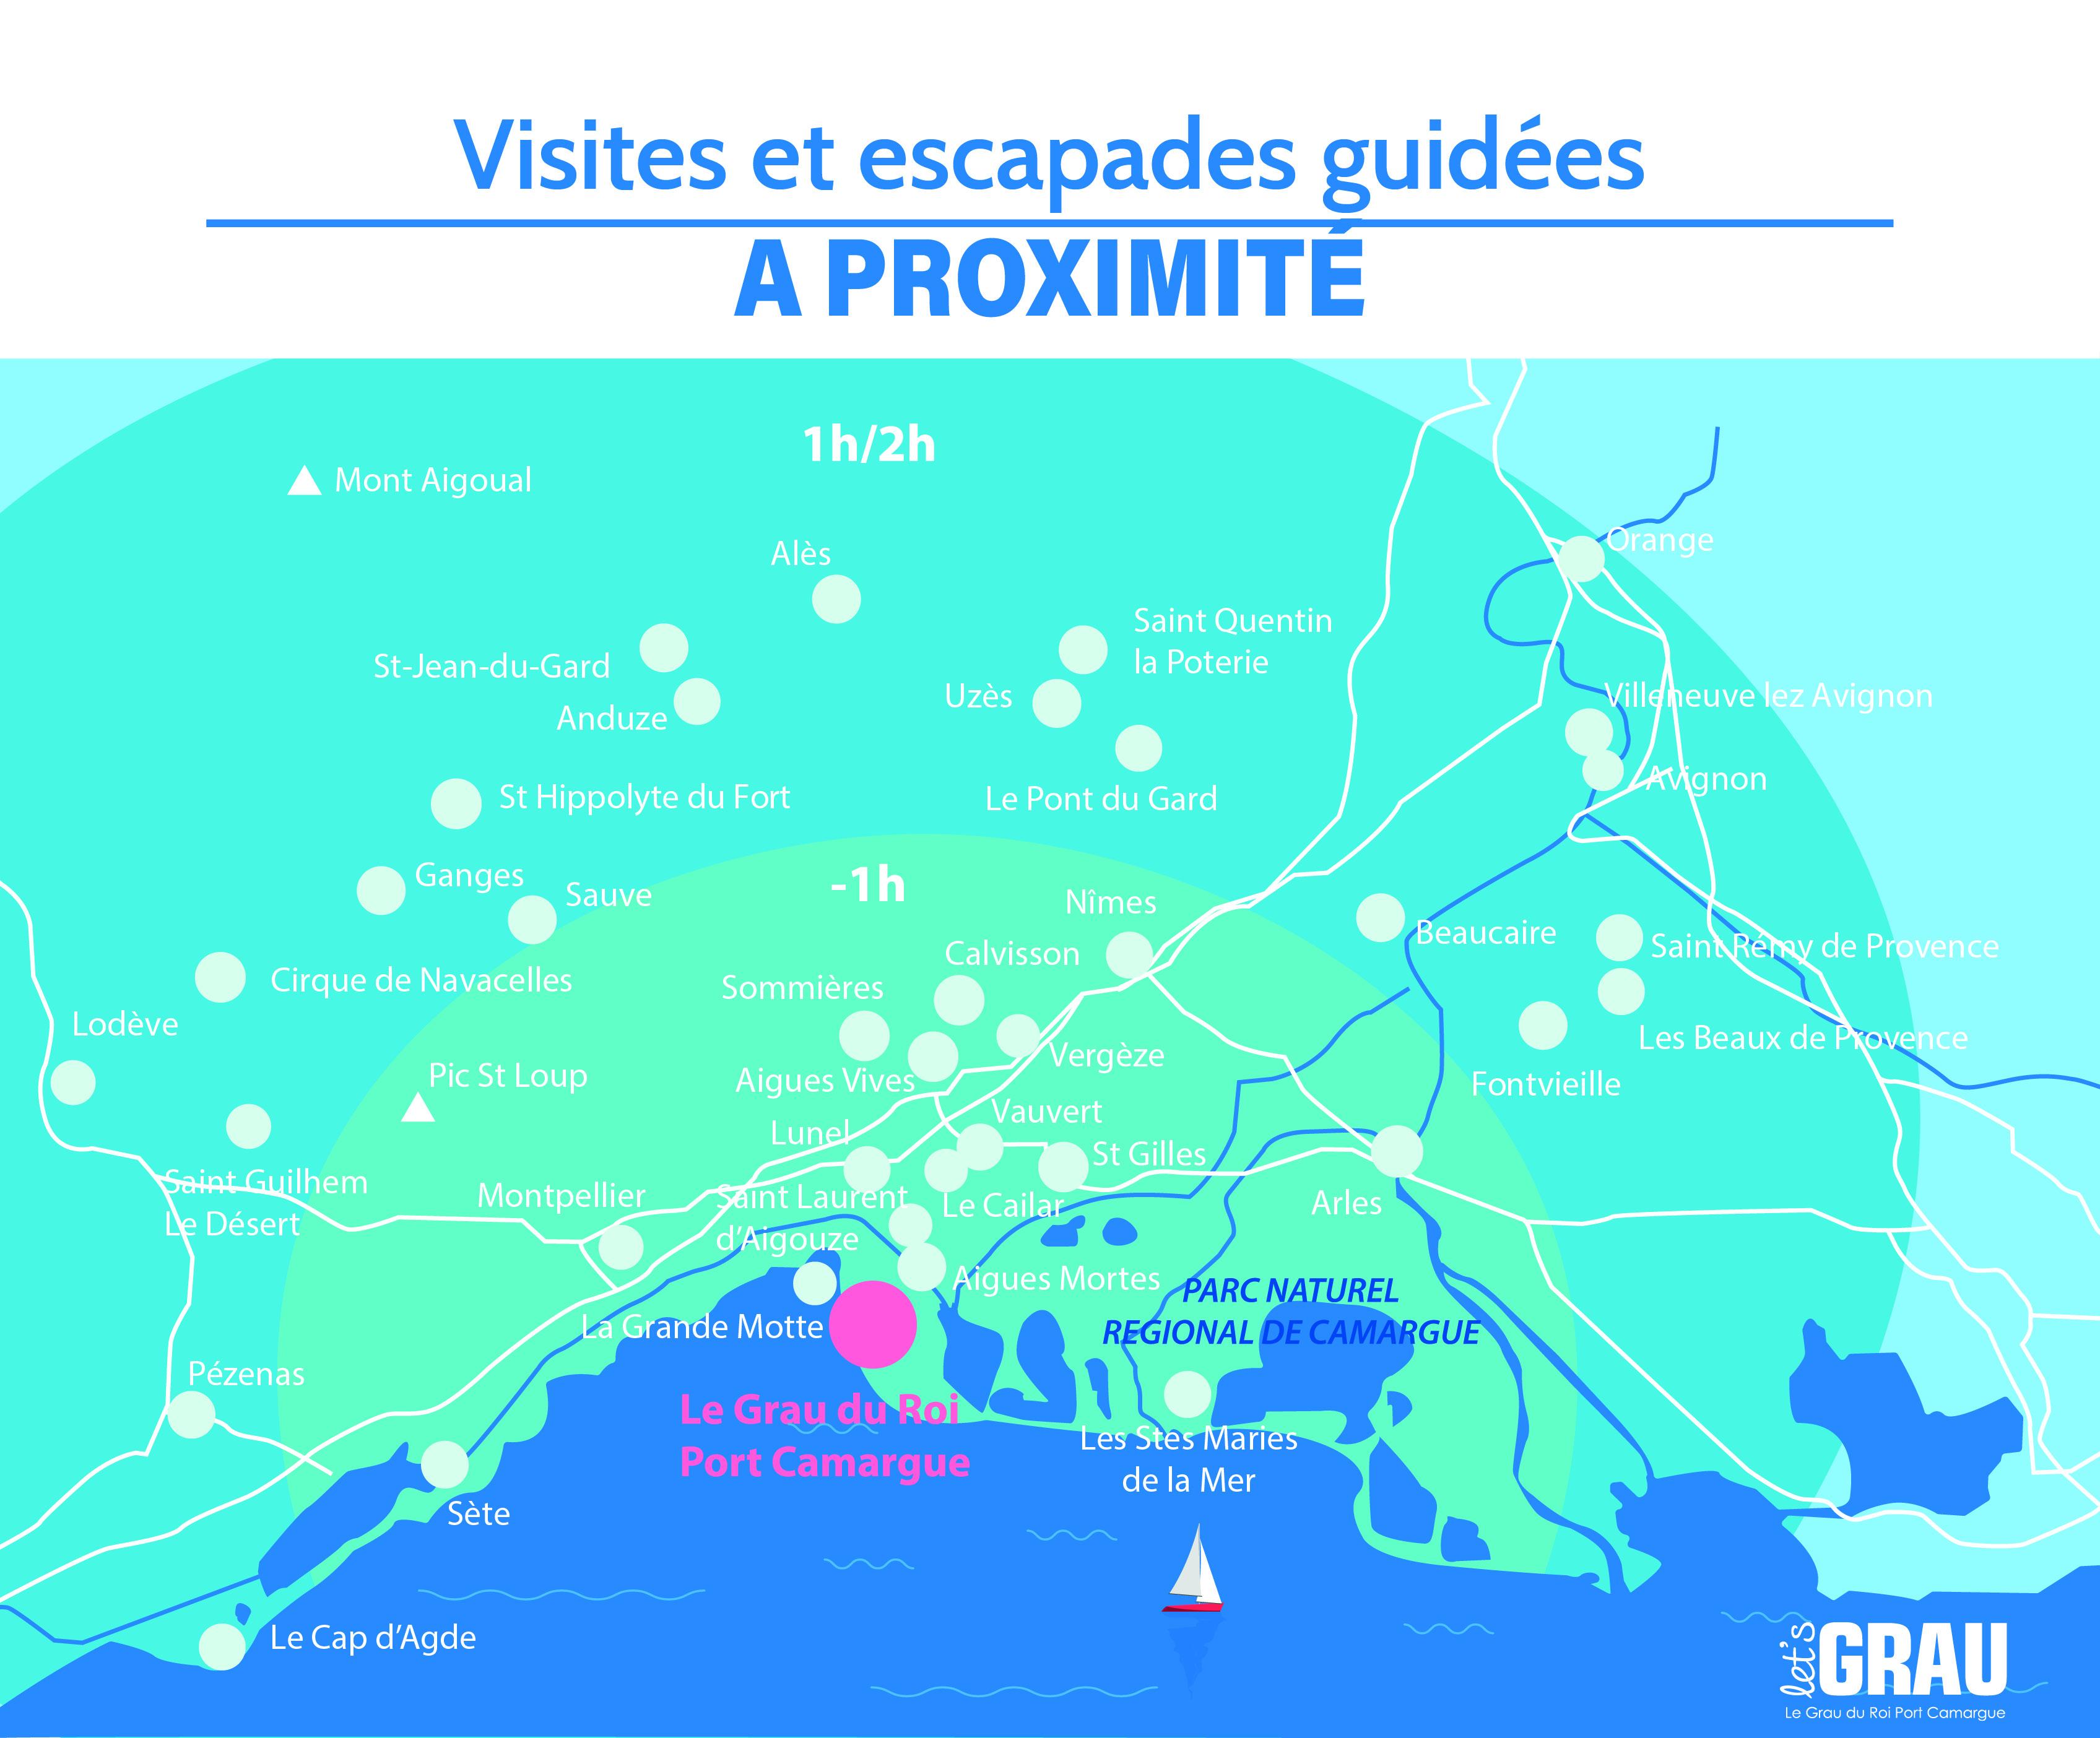 visites-et-escapades-guidees-a-proximite-6967